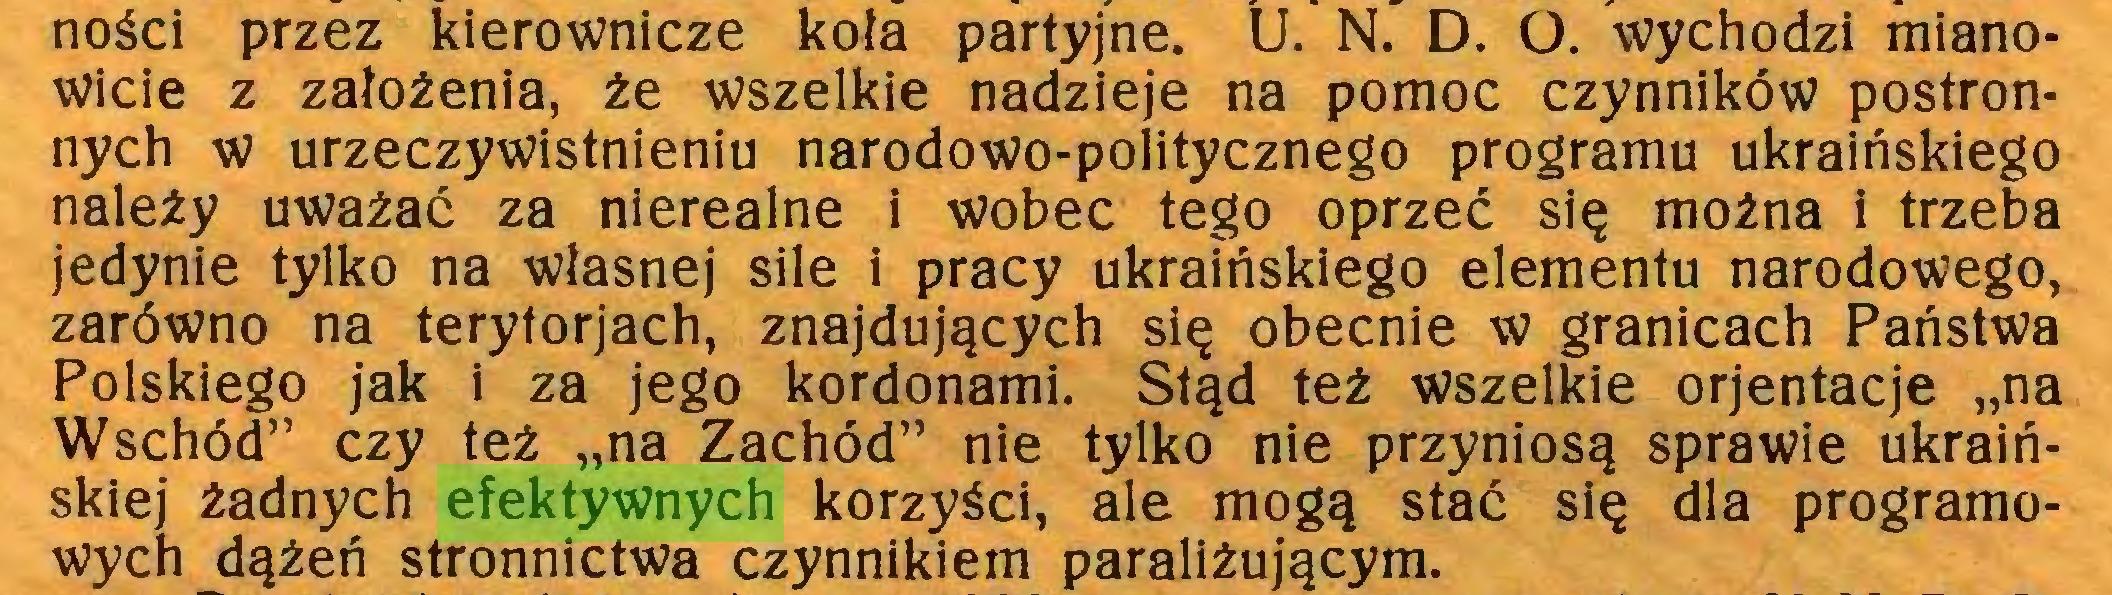 """(...) ności przez kierownicze koła partyjne. U. N. D. O. wychodzi mianowicie z założenia, że wszelkie nadzieje na pomoc czynników postronnych w urzeczywistnieniu narodowo-politycznego programu ukraińskiego należy uważać za nierealne i wobec tego oprzeć się można i trzeba jedynie tylko na własnej sile i pracy ukraińskiego elementu narodowego, zarówno na terytorjach, znajdujących się obecnie w granicach Państwa Polskiego jak i za jego kordonami. Stąd też wszelkie orjentacje """"na Wschód"""" czy też """"na Zachód"""" nie tylko nie przyniosą sprawie ukraińskiej żadnych efektywnych korzyści, ale mogą stać się dla programowych dążeń stronnictwa czynnikiem paraliżującym..."""